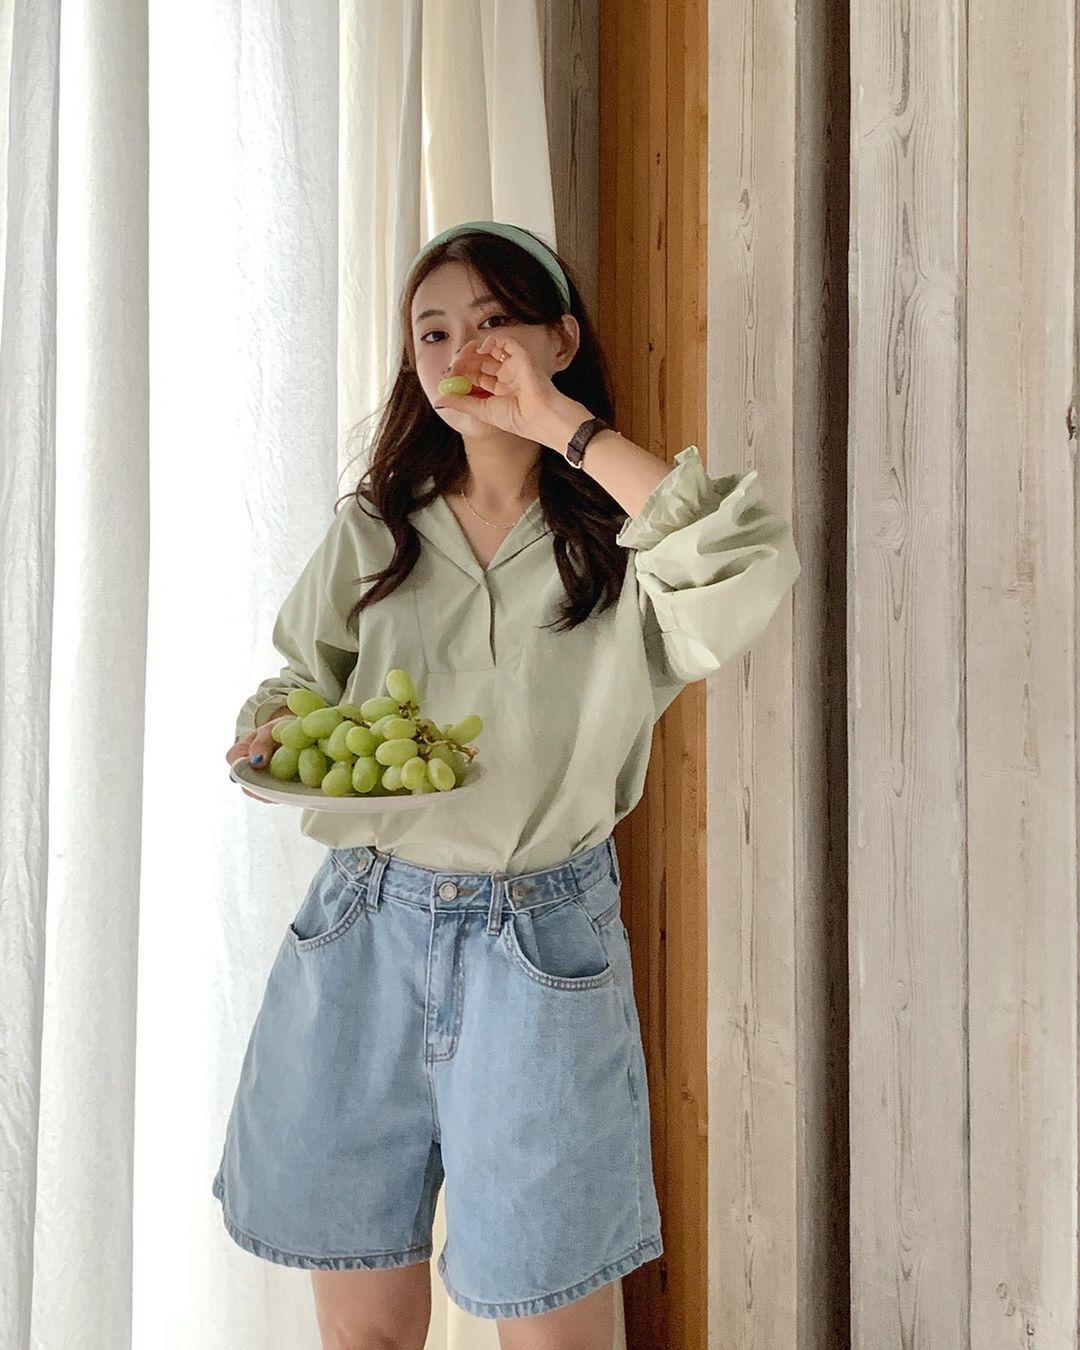 Hội sành điệu toàn mix quần shorts với 5 kiểu áo này để có outfit đẹp hết chỗ chê - Ảnh 4